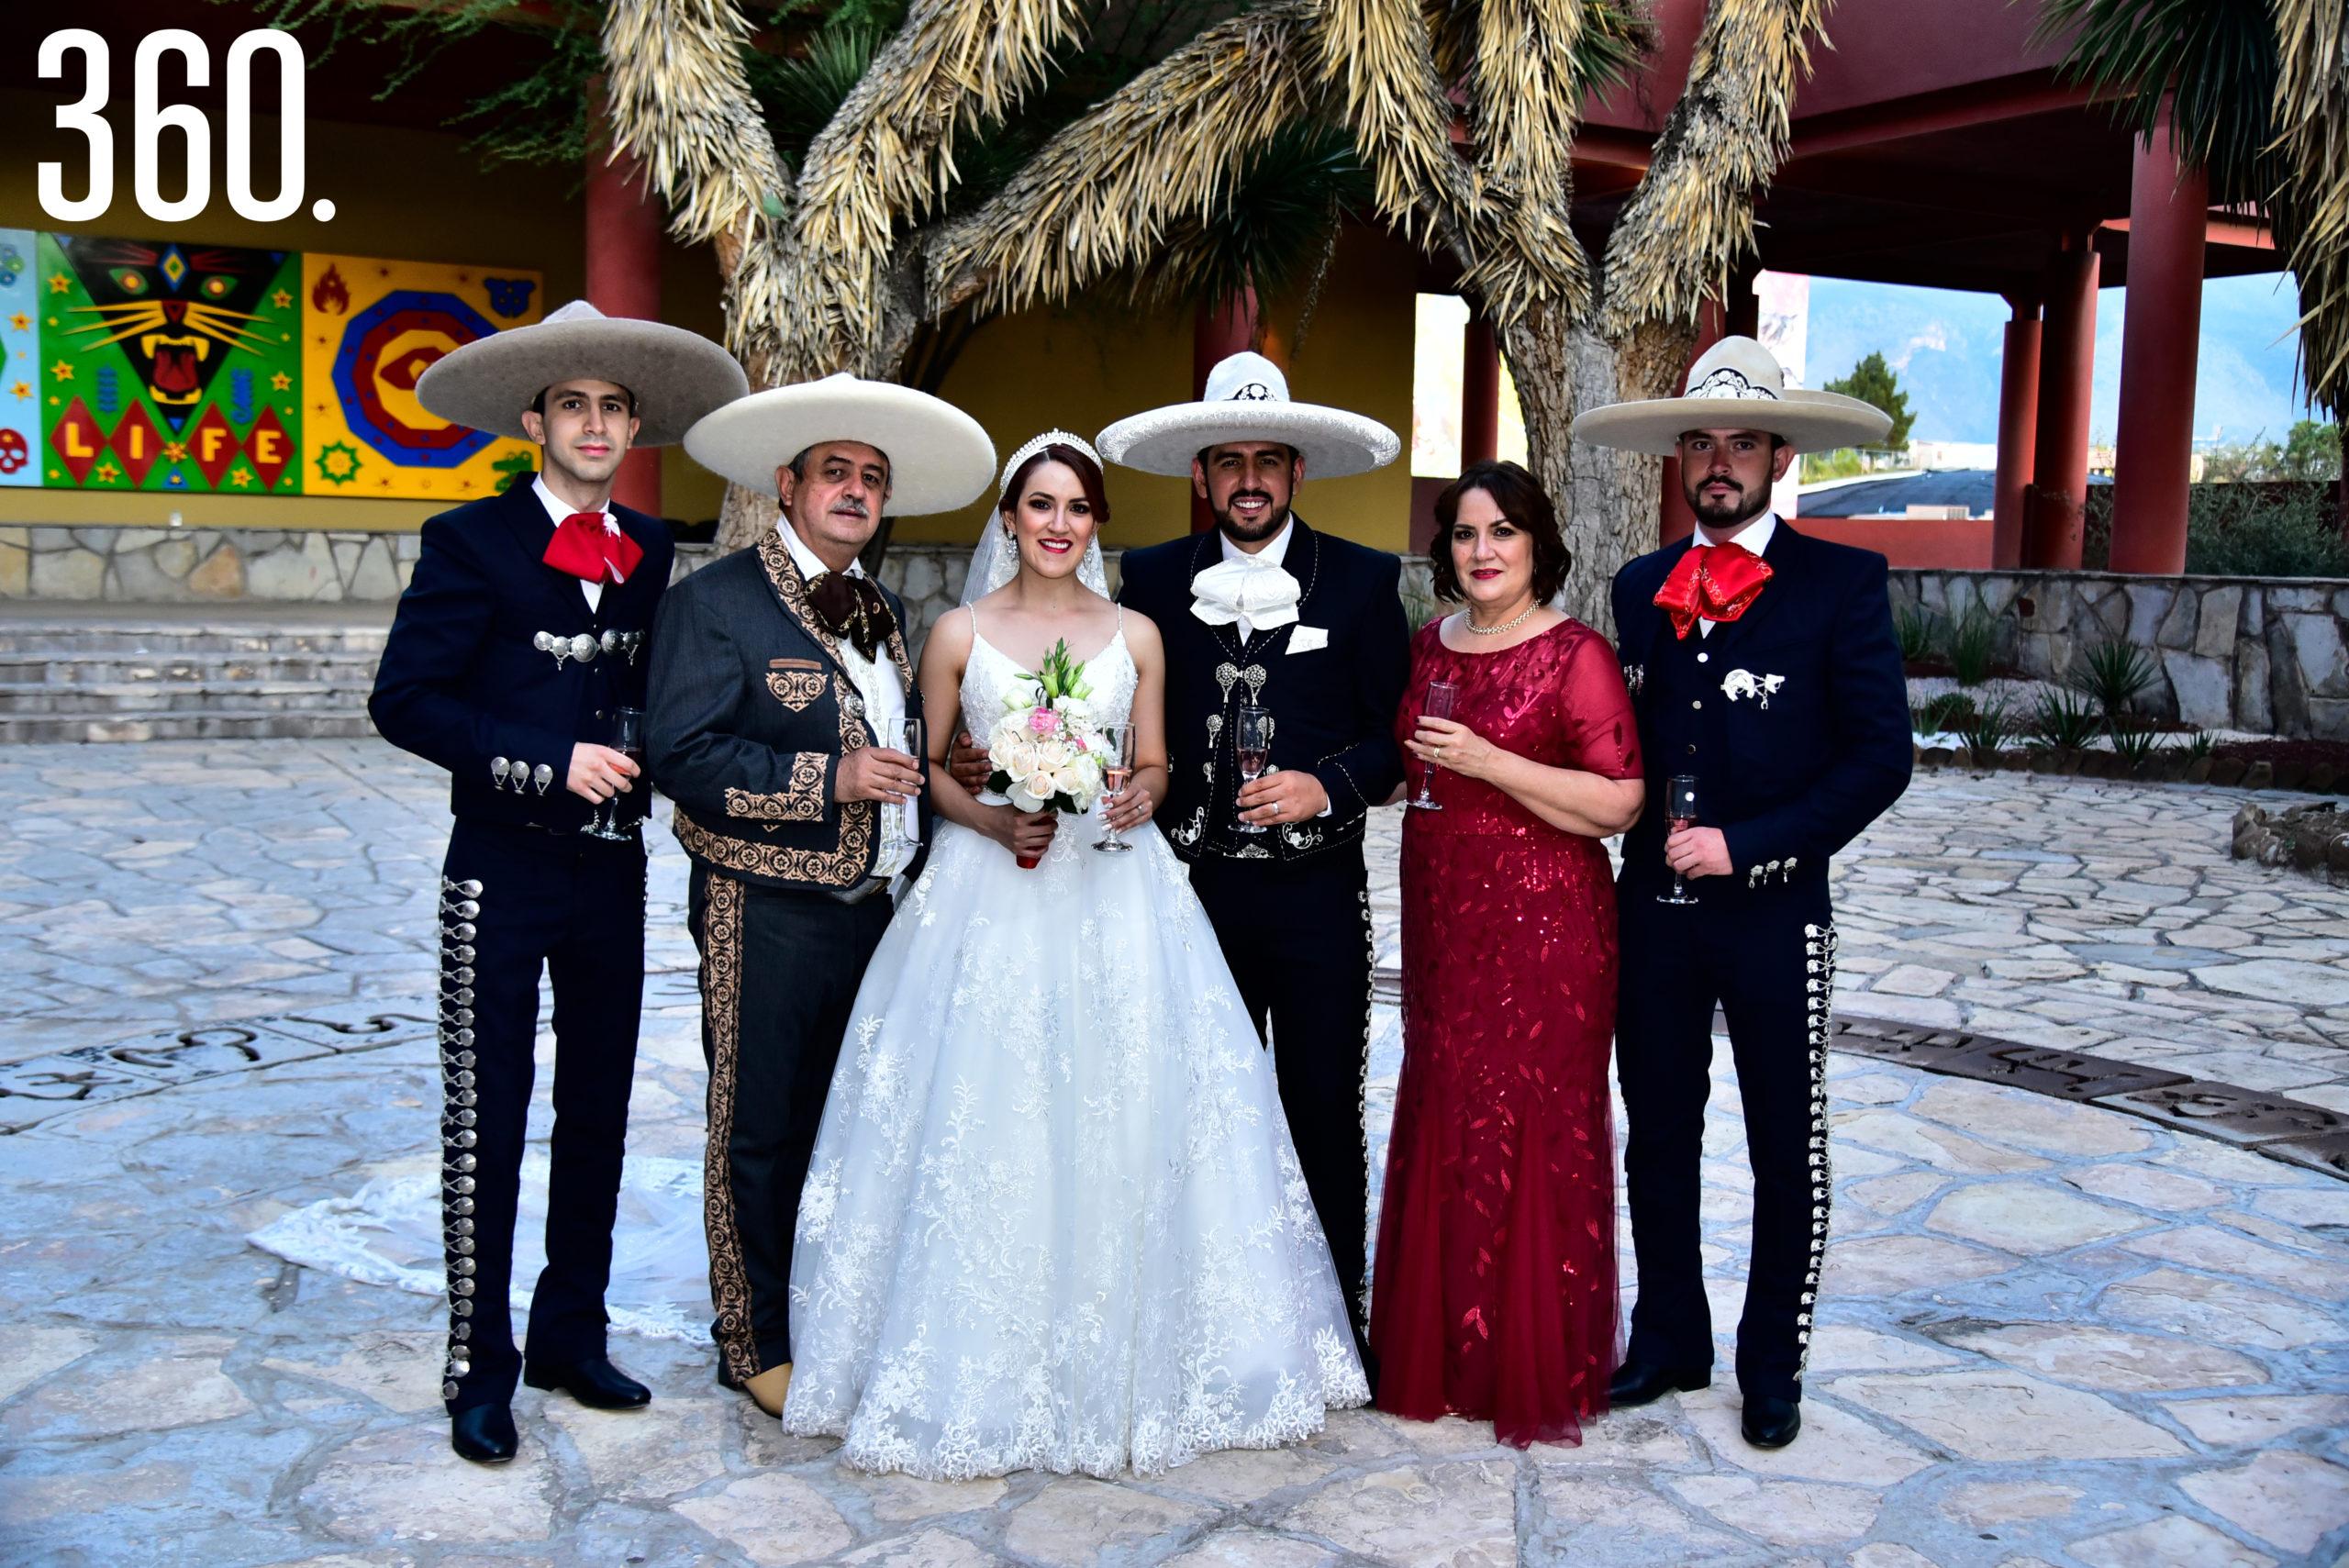 Martín de Jesús, Carlos Flores, Valeria Flores, Rudiger Gabriel Ríos, Luz Del Carmen Rodríguez y Carlos Francisco Flores.